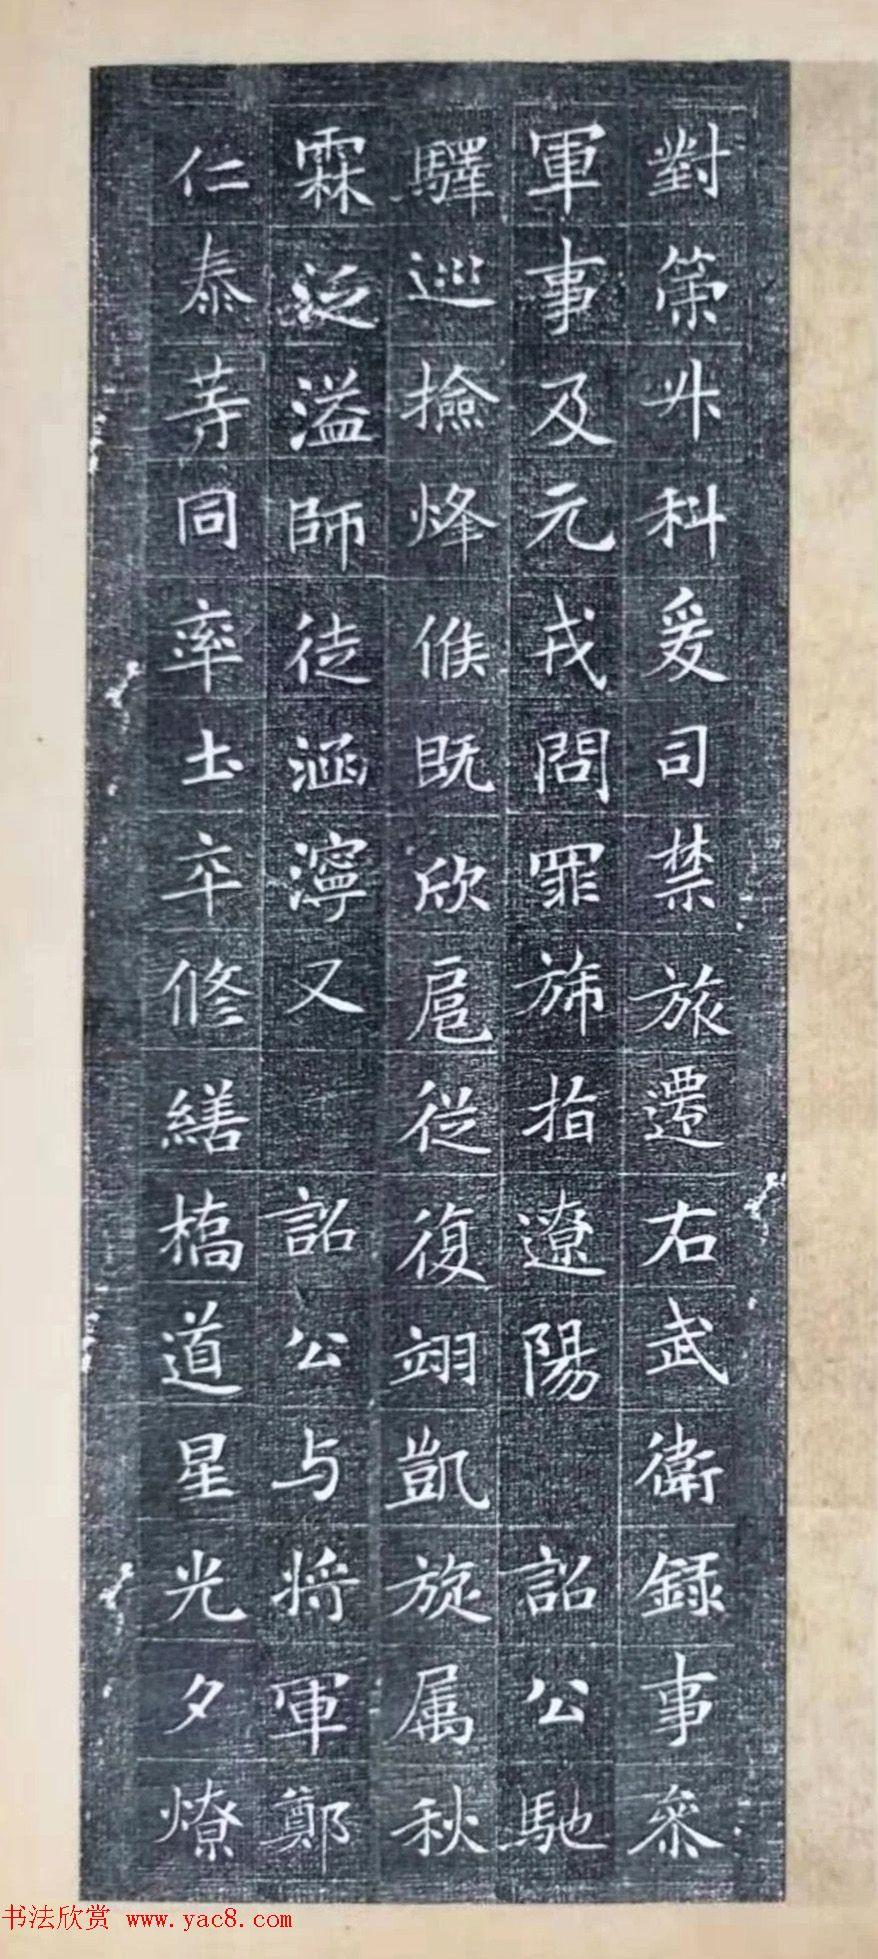 冯承素楷书《大唐故左监门长史冯府君墓志铭》